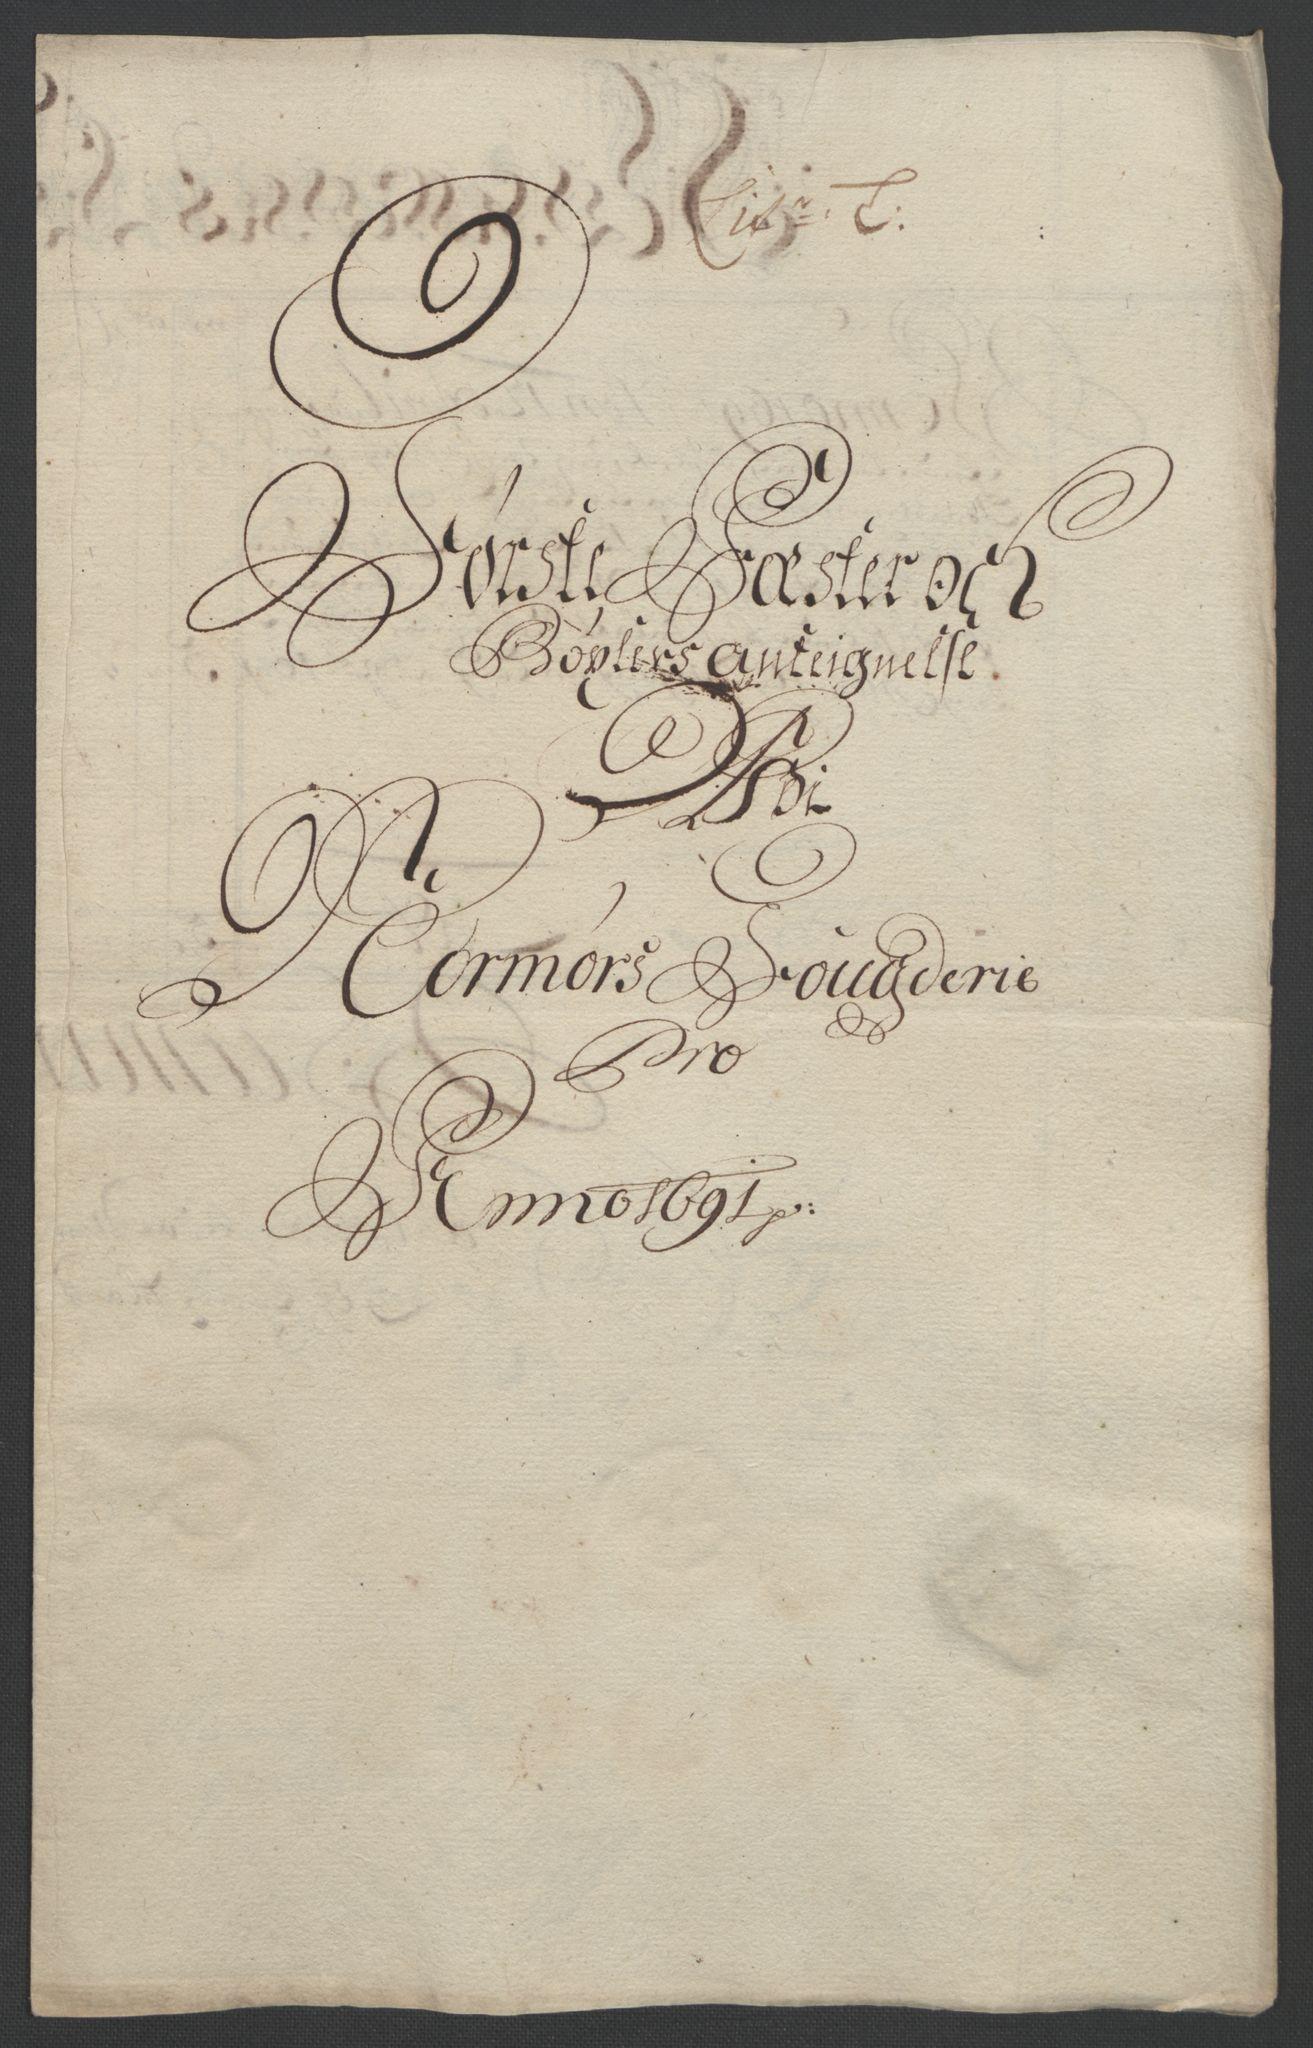 RA, Rentekammeret inntil 1814, Reviderte regnskaper, Fogderegnskap, R56/L3734: Fogderegnskap Nordmøre, 1690-1691, s. 389